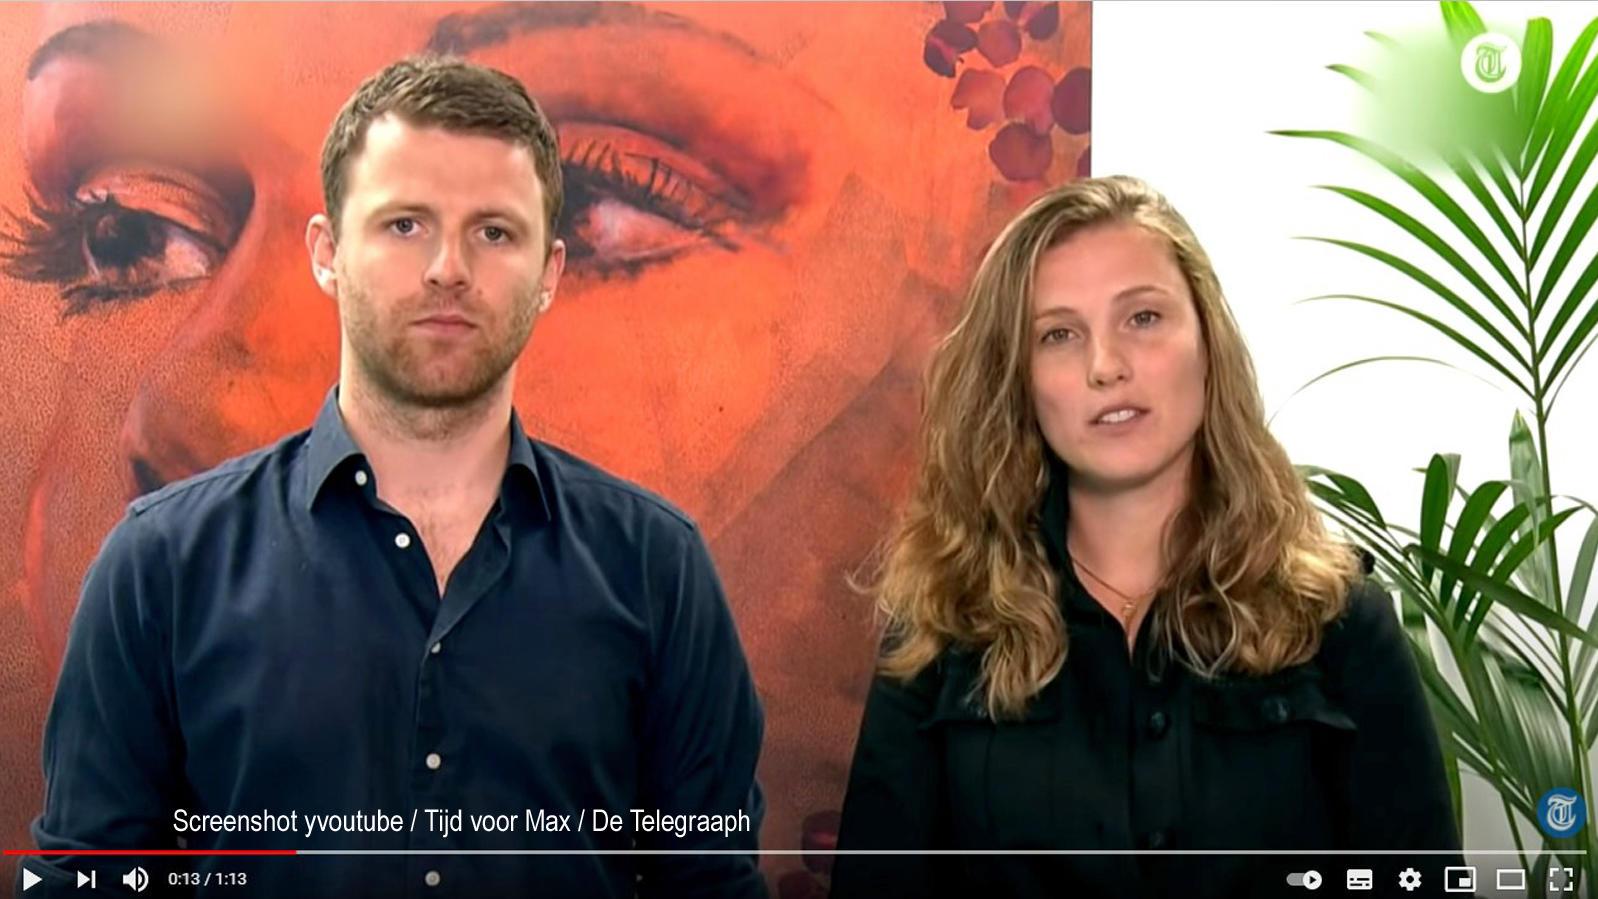 Royce (links) und Kelly de Vries im niederländischen Fernsehen.